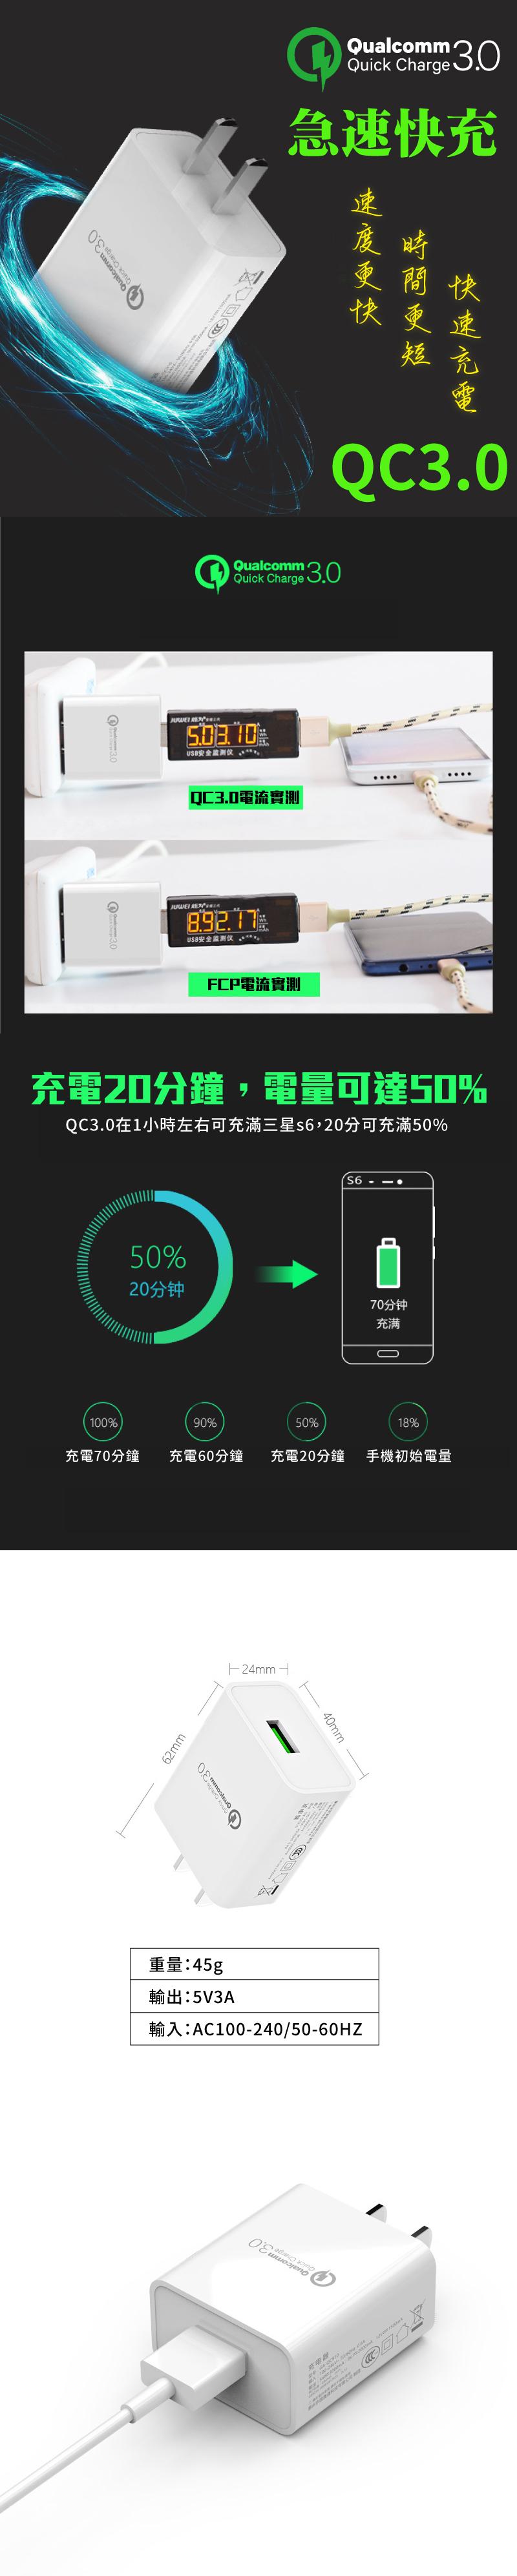 手機快充插座 599免運 現貨 QC3.0 3A 2A 快充 防火 不發燙 快速充電 充電器 豆腐頭 USB 安卓 蘋果